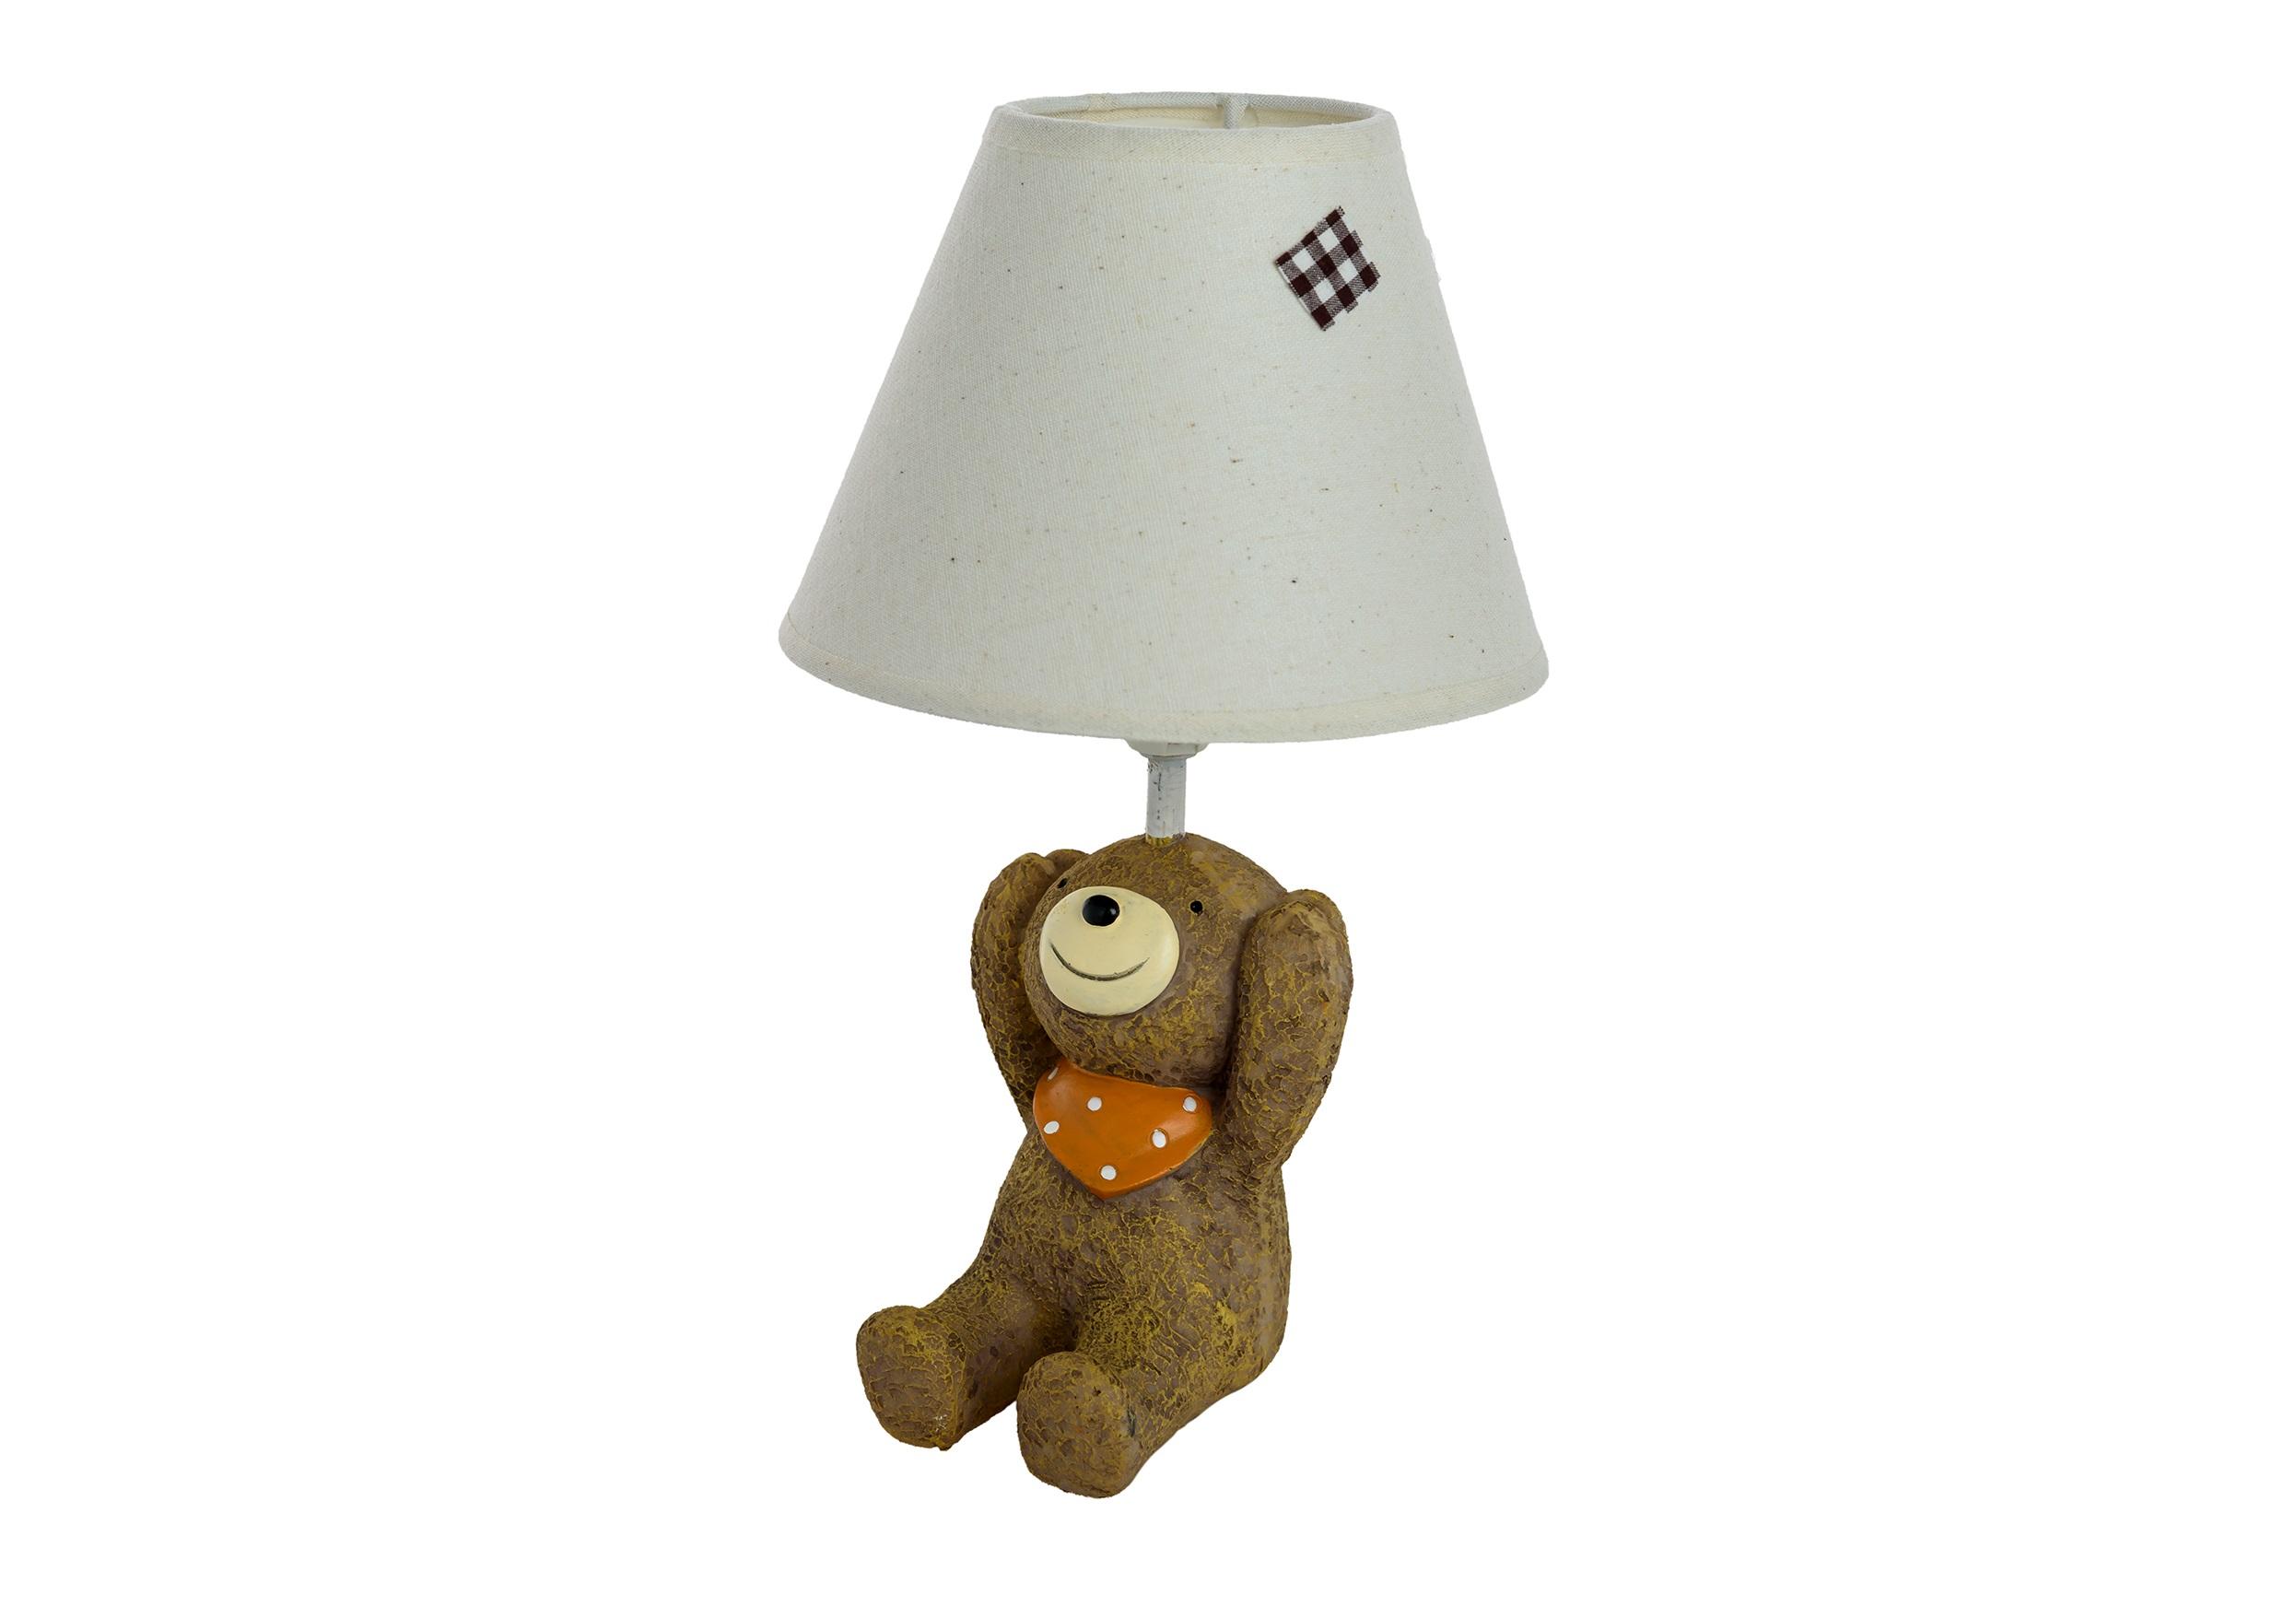 Детская настольная лампа Медвежонок Ничего не слышуДекоративные лампы<br>&amp;lt;div&amp;gt;Тип цоколя: E27&amp;lt;/div&amp;gt;&amp;lt;div&amp;gt;Мощность: 40W&amp;lt;/div&amp;gt;&amp;lt;div&amp;gt;Кол-во ламп: 1 (нет в комплекте)&amp;lt;/div&amp;gt;<br><br>Material: Полирезин<br>Высота см: 29